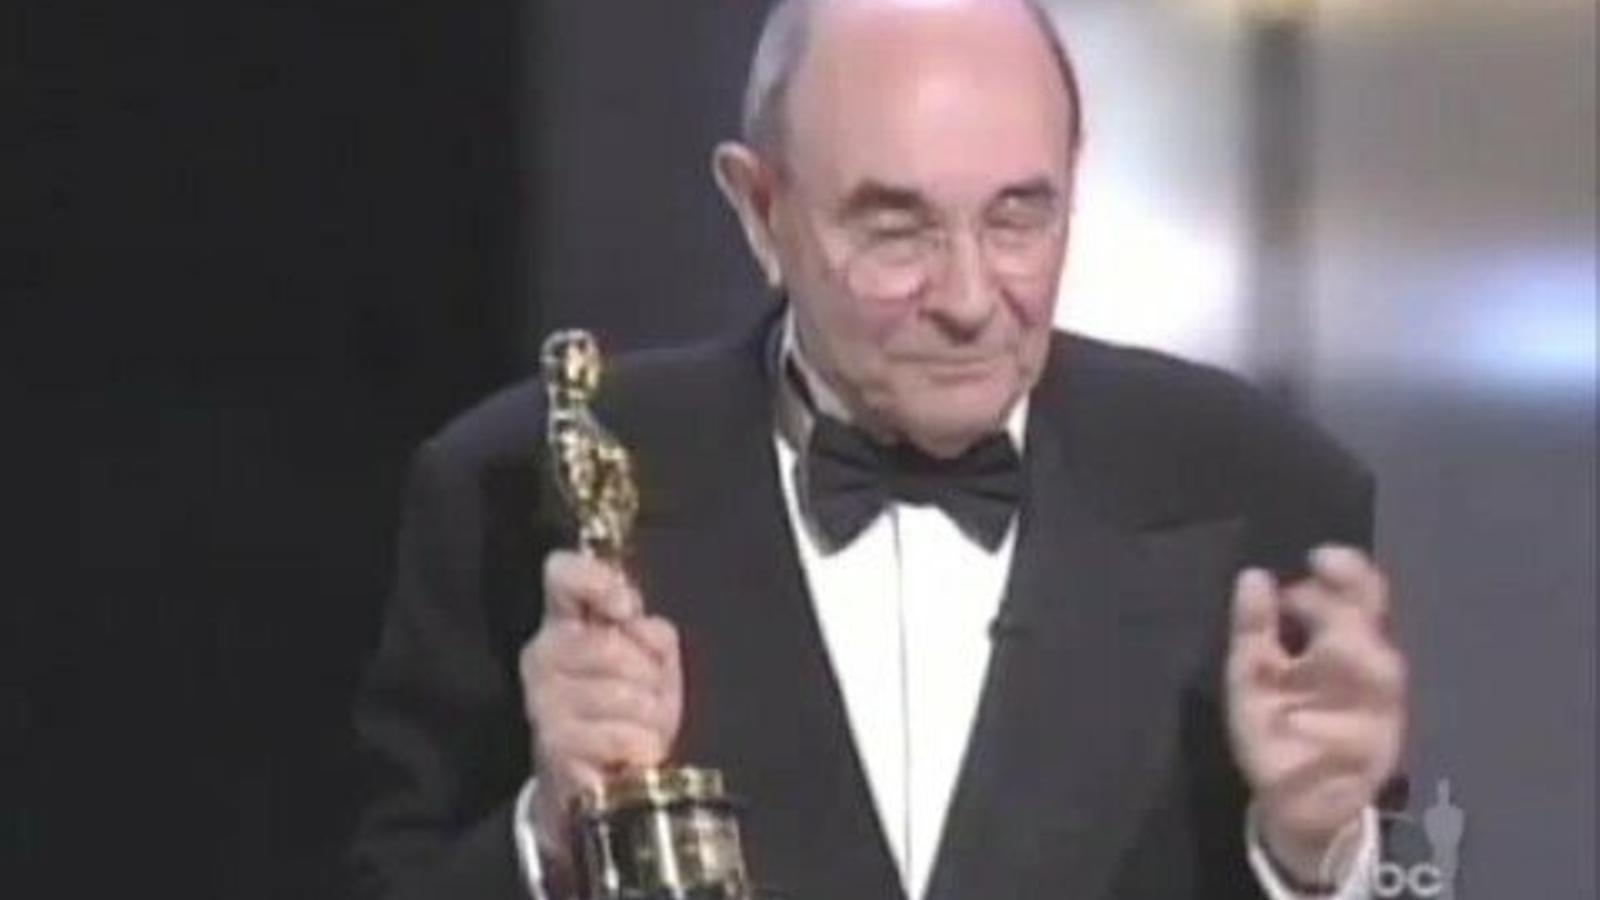 Stanley Donen rebent l'Oscar Honorífic el 1998